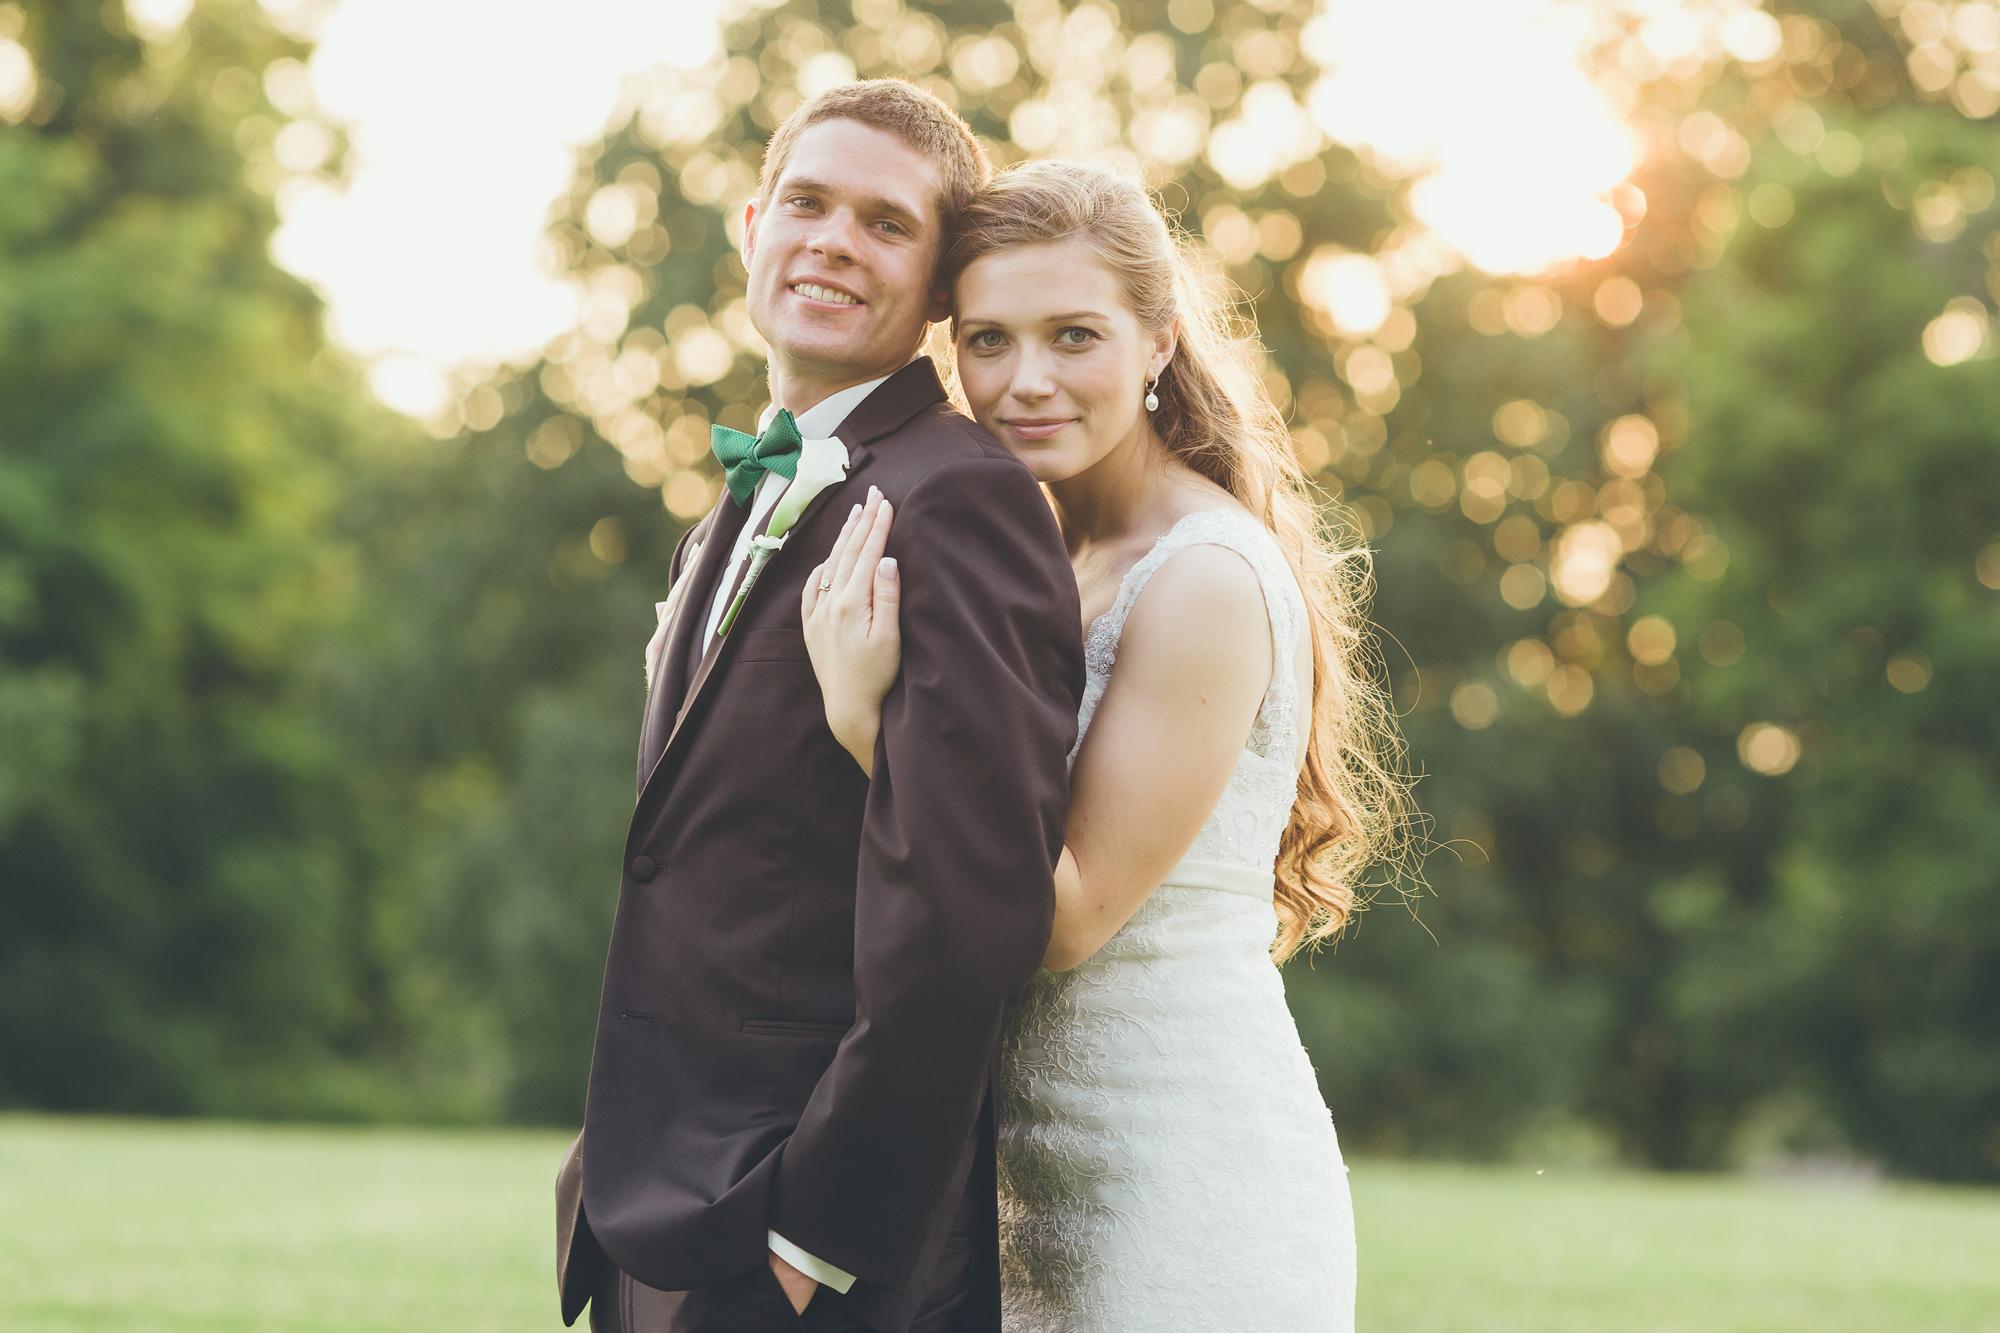 Lauren-&-James'-Wedding-348.jpg